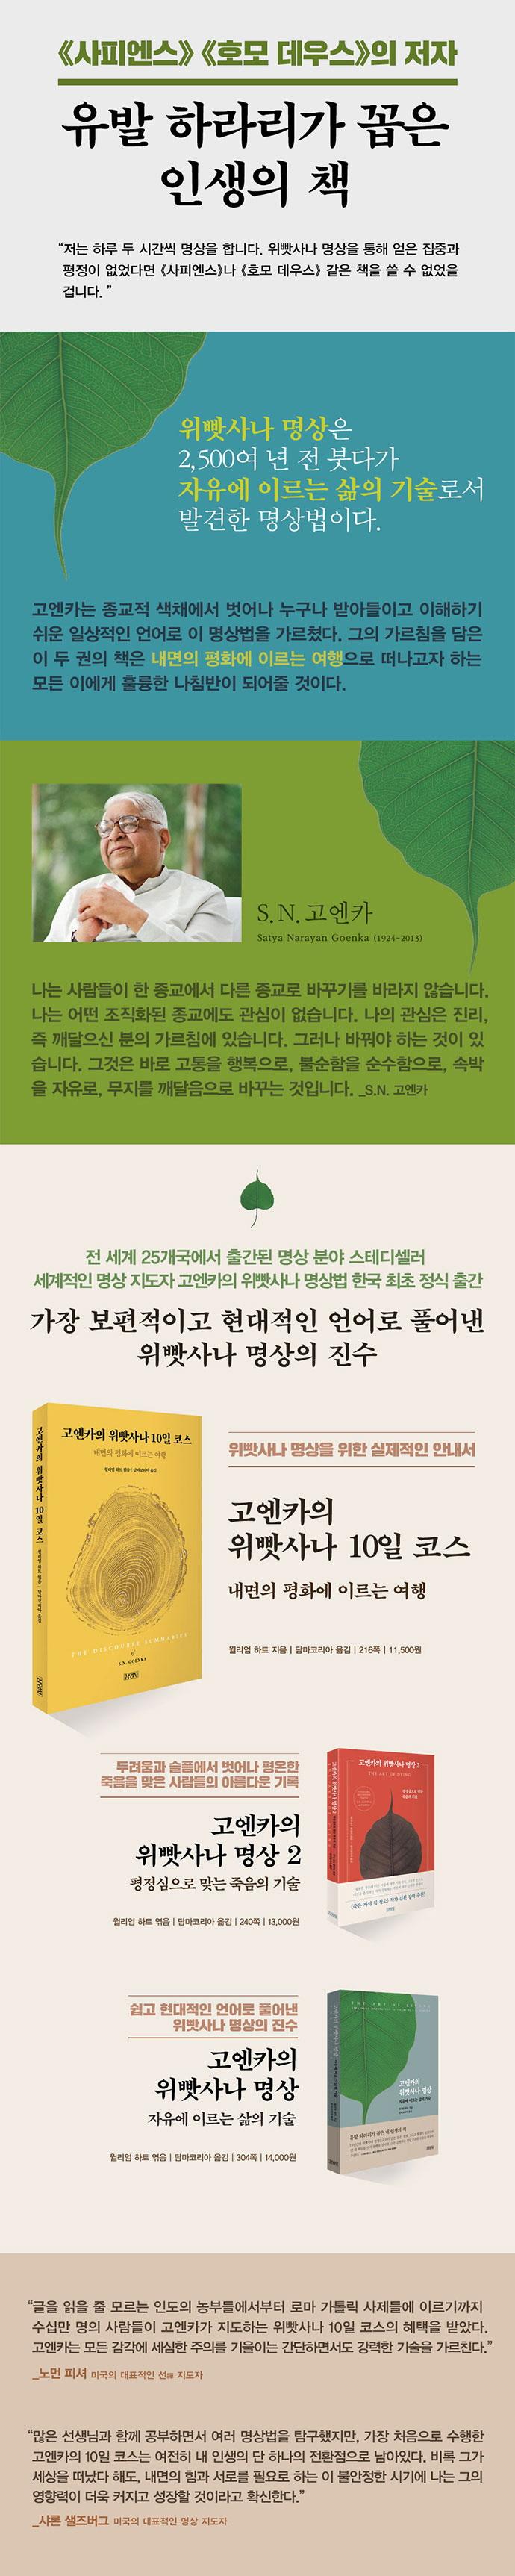 고엔카의 위빳사나 10일 코스 도서 상세이미지